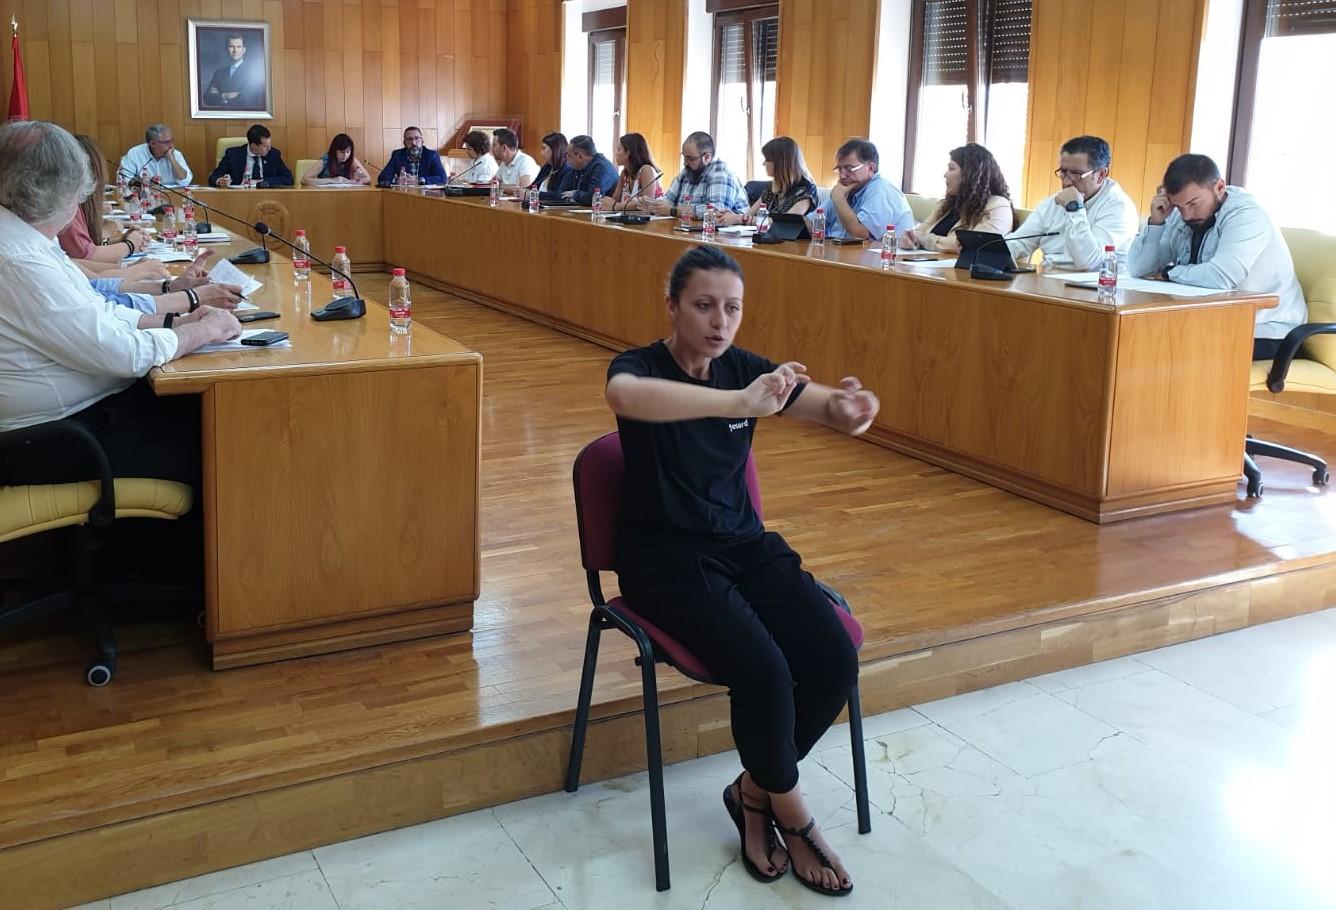 El Ayuntamiento de Elda pone en marcha un curso de lengua de signos dirigido a toda la ciudadanía para impulsar la inclusión